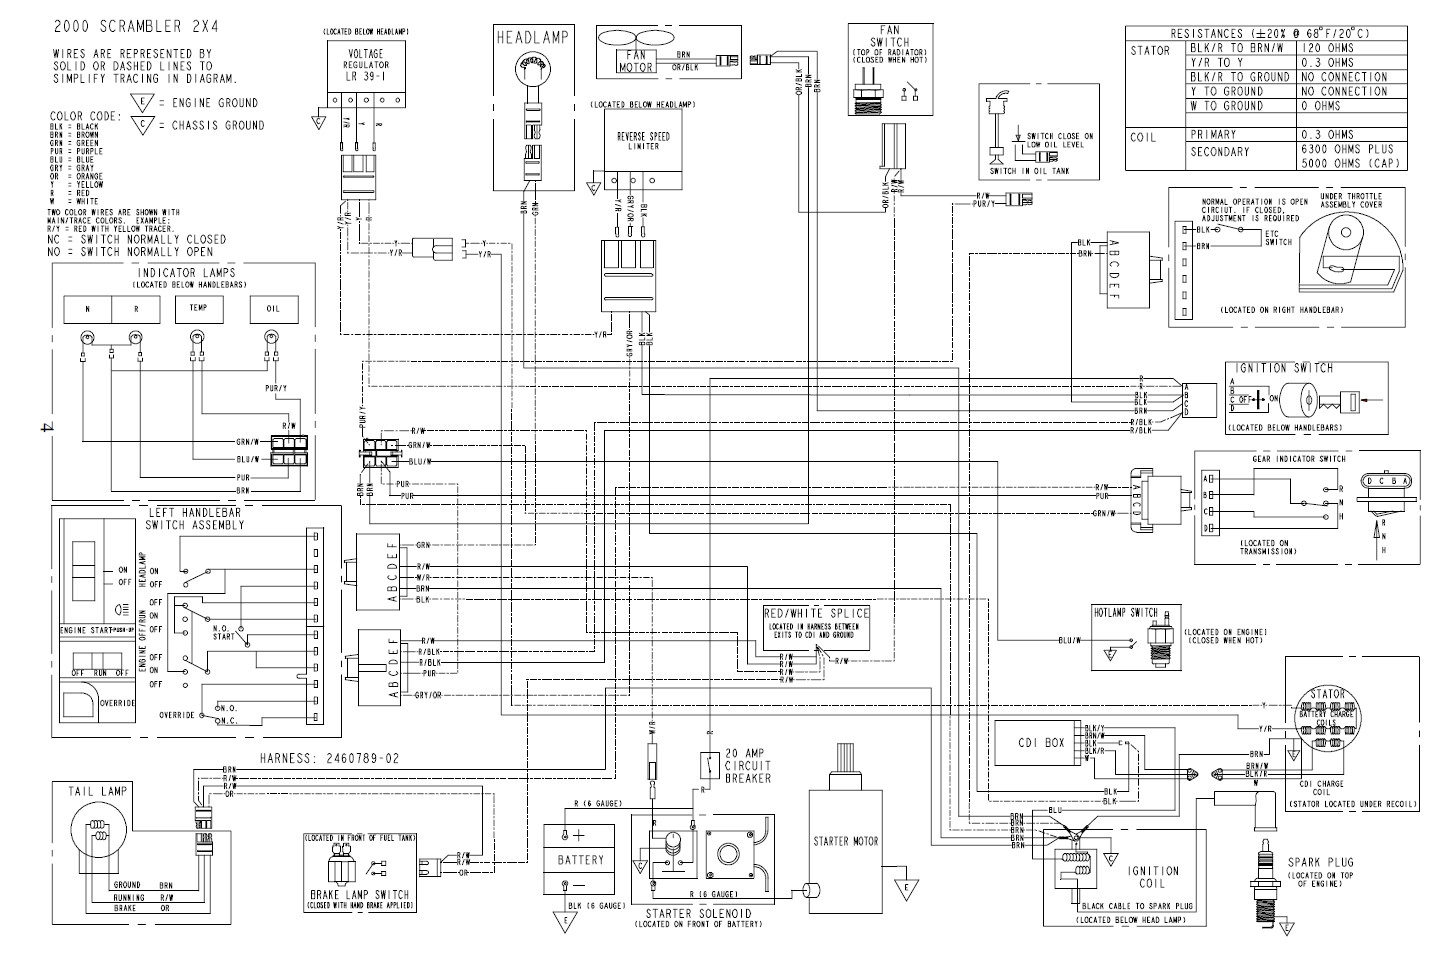 2015 polaris rzr 900 wiring diagram Collection-2015 polaris rzr 900 wiring diagram Download polaris wiring diagram wire center u2022 rh wattatech 9-b